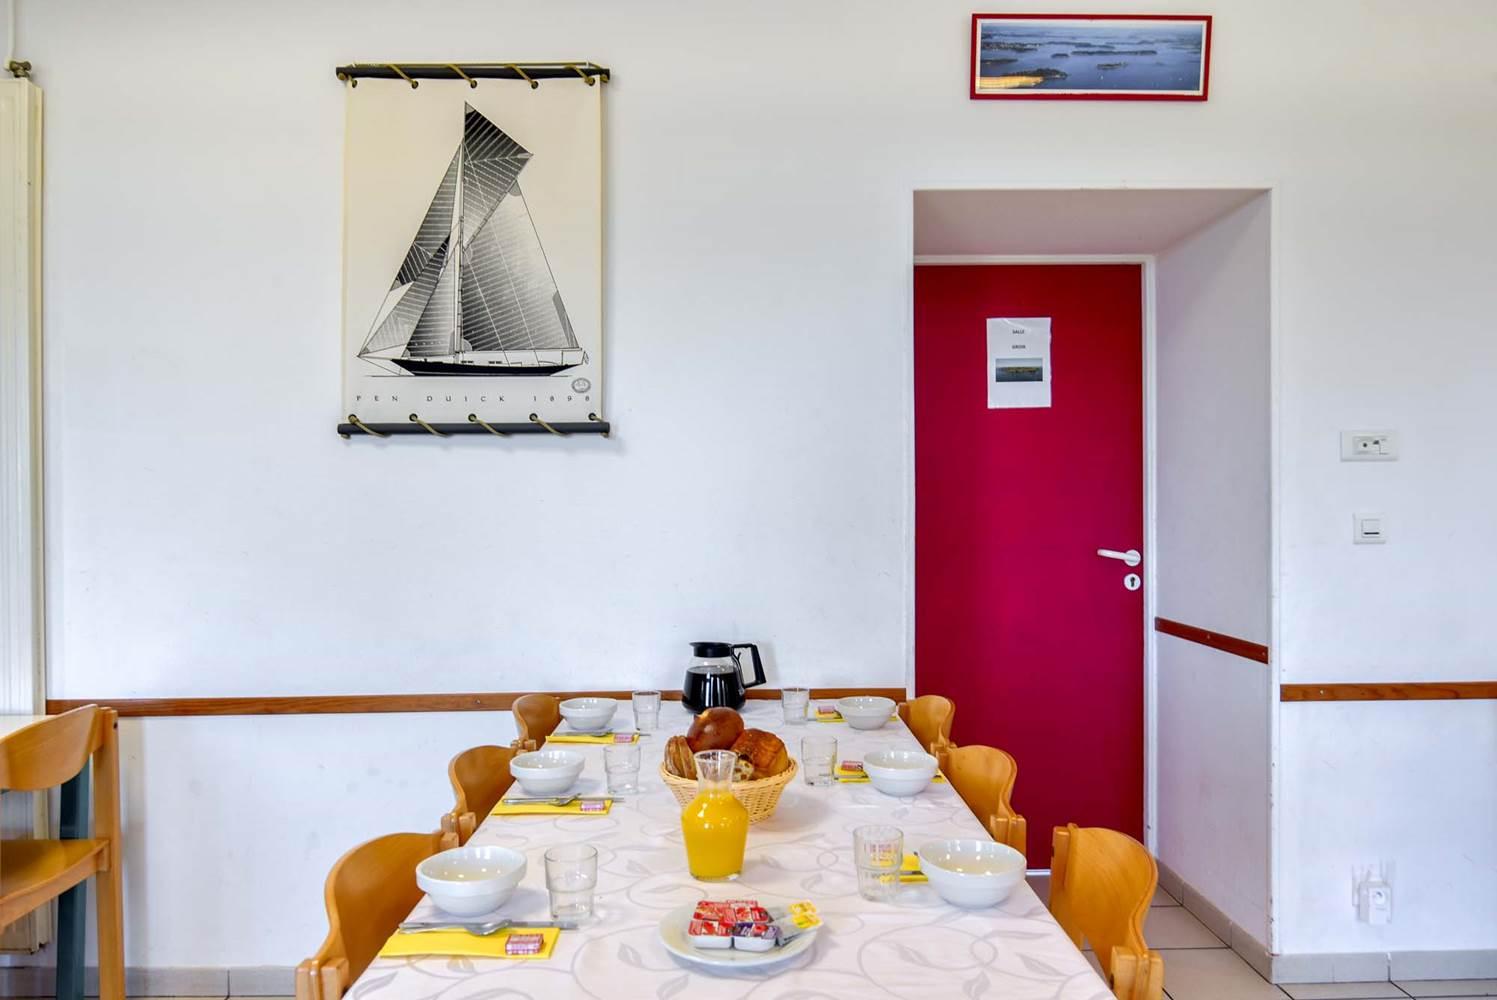 Maison des salines -La trinité-sur-Mer-Morbihan Bretagne Sud-05 © Fabien GROULT